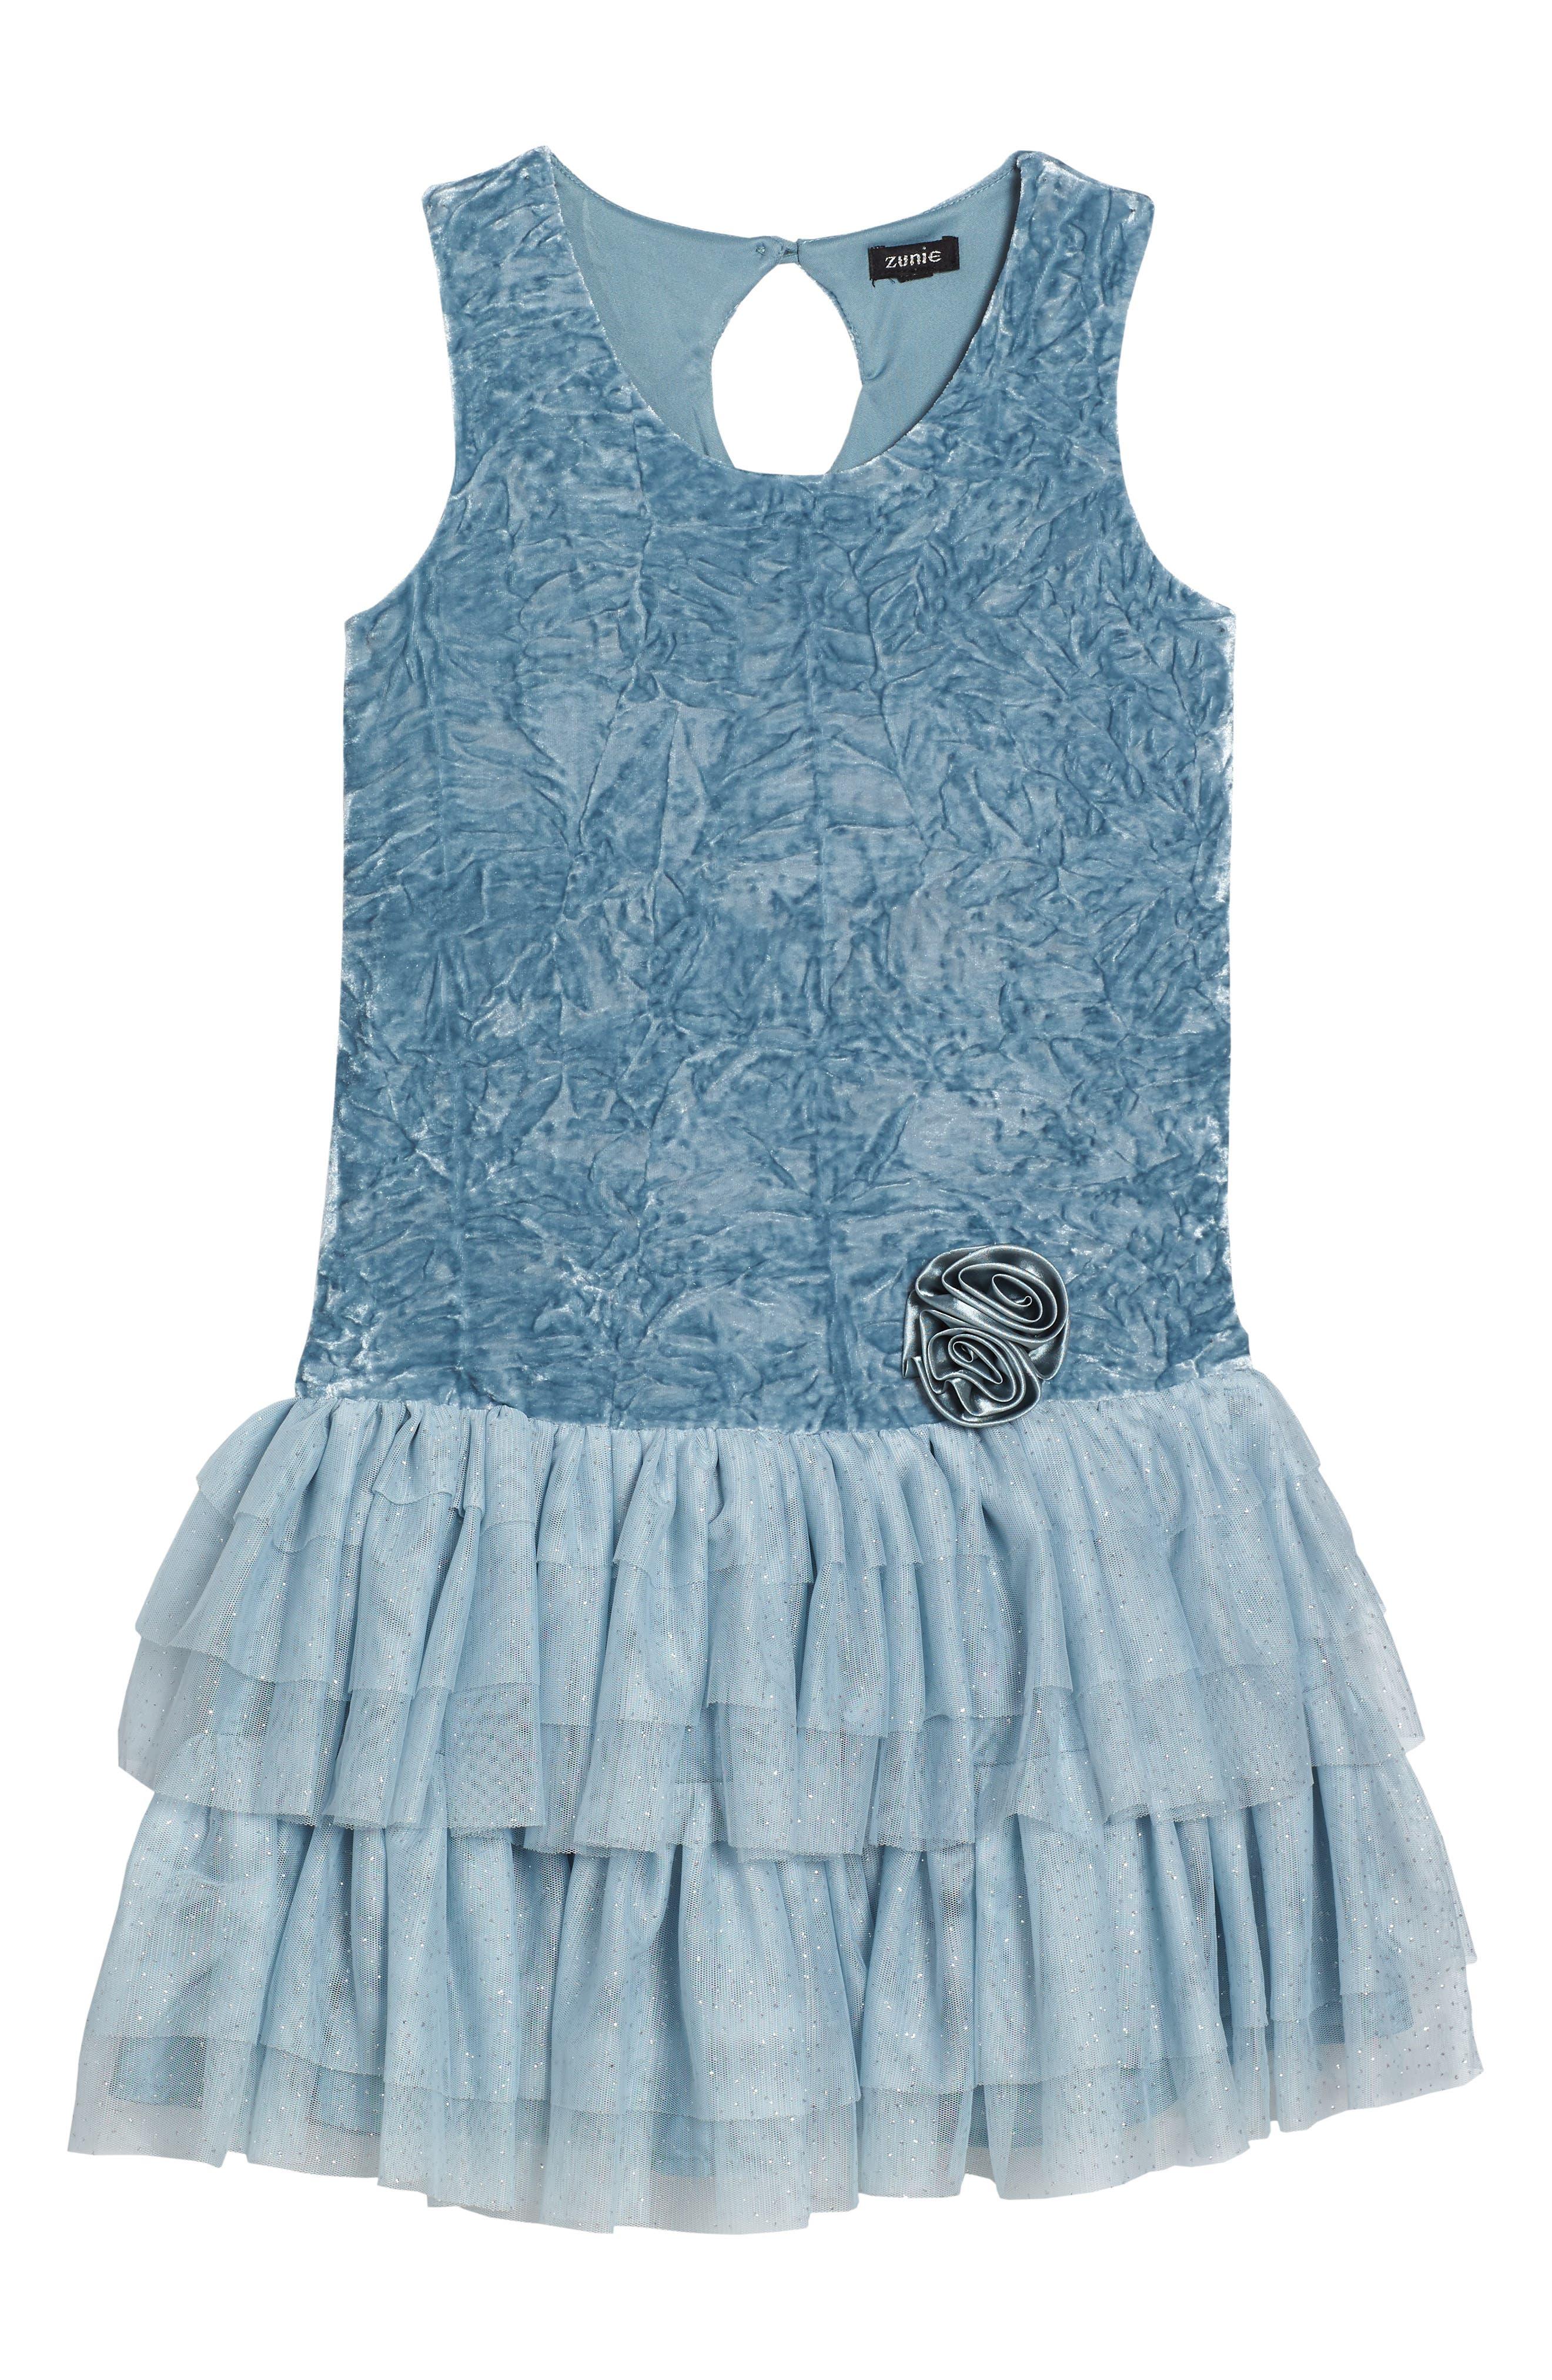 Main Image - Zunie Crushed Velvet & Tulle Dress (Toddler Girls, Little Girls & Big Girls)